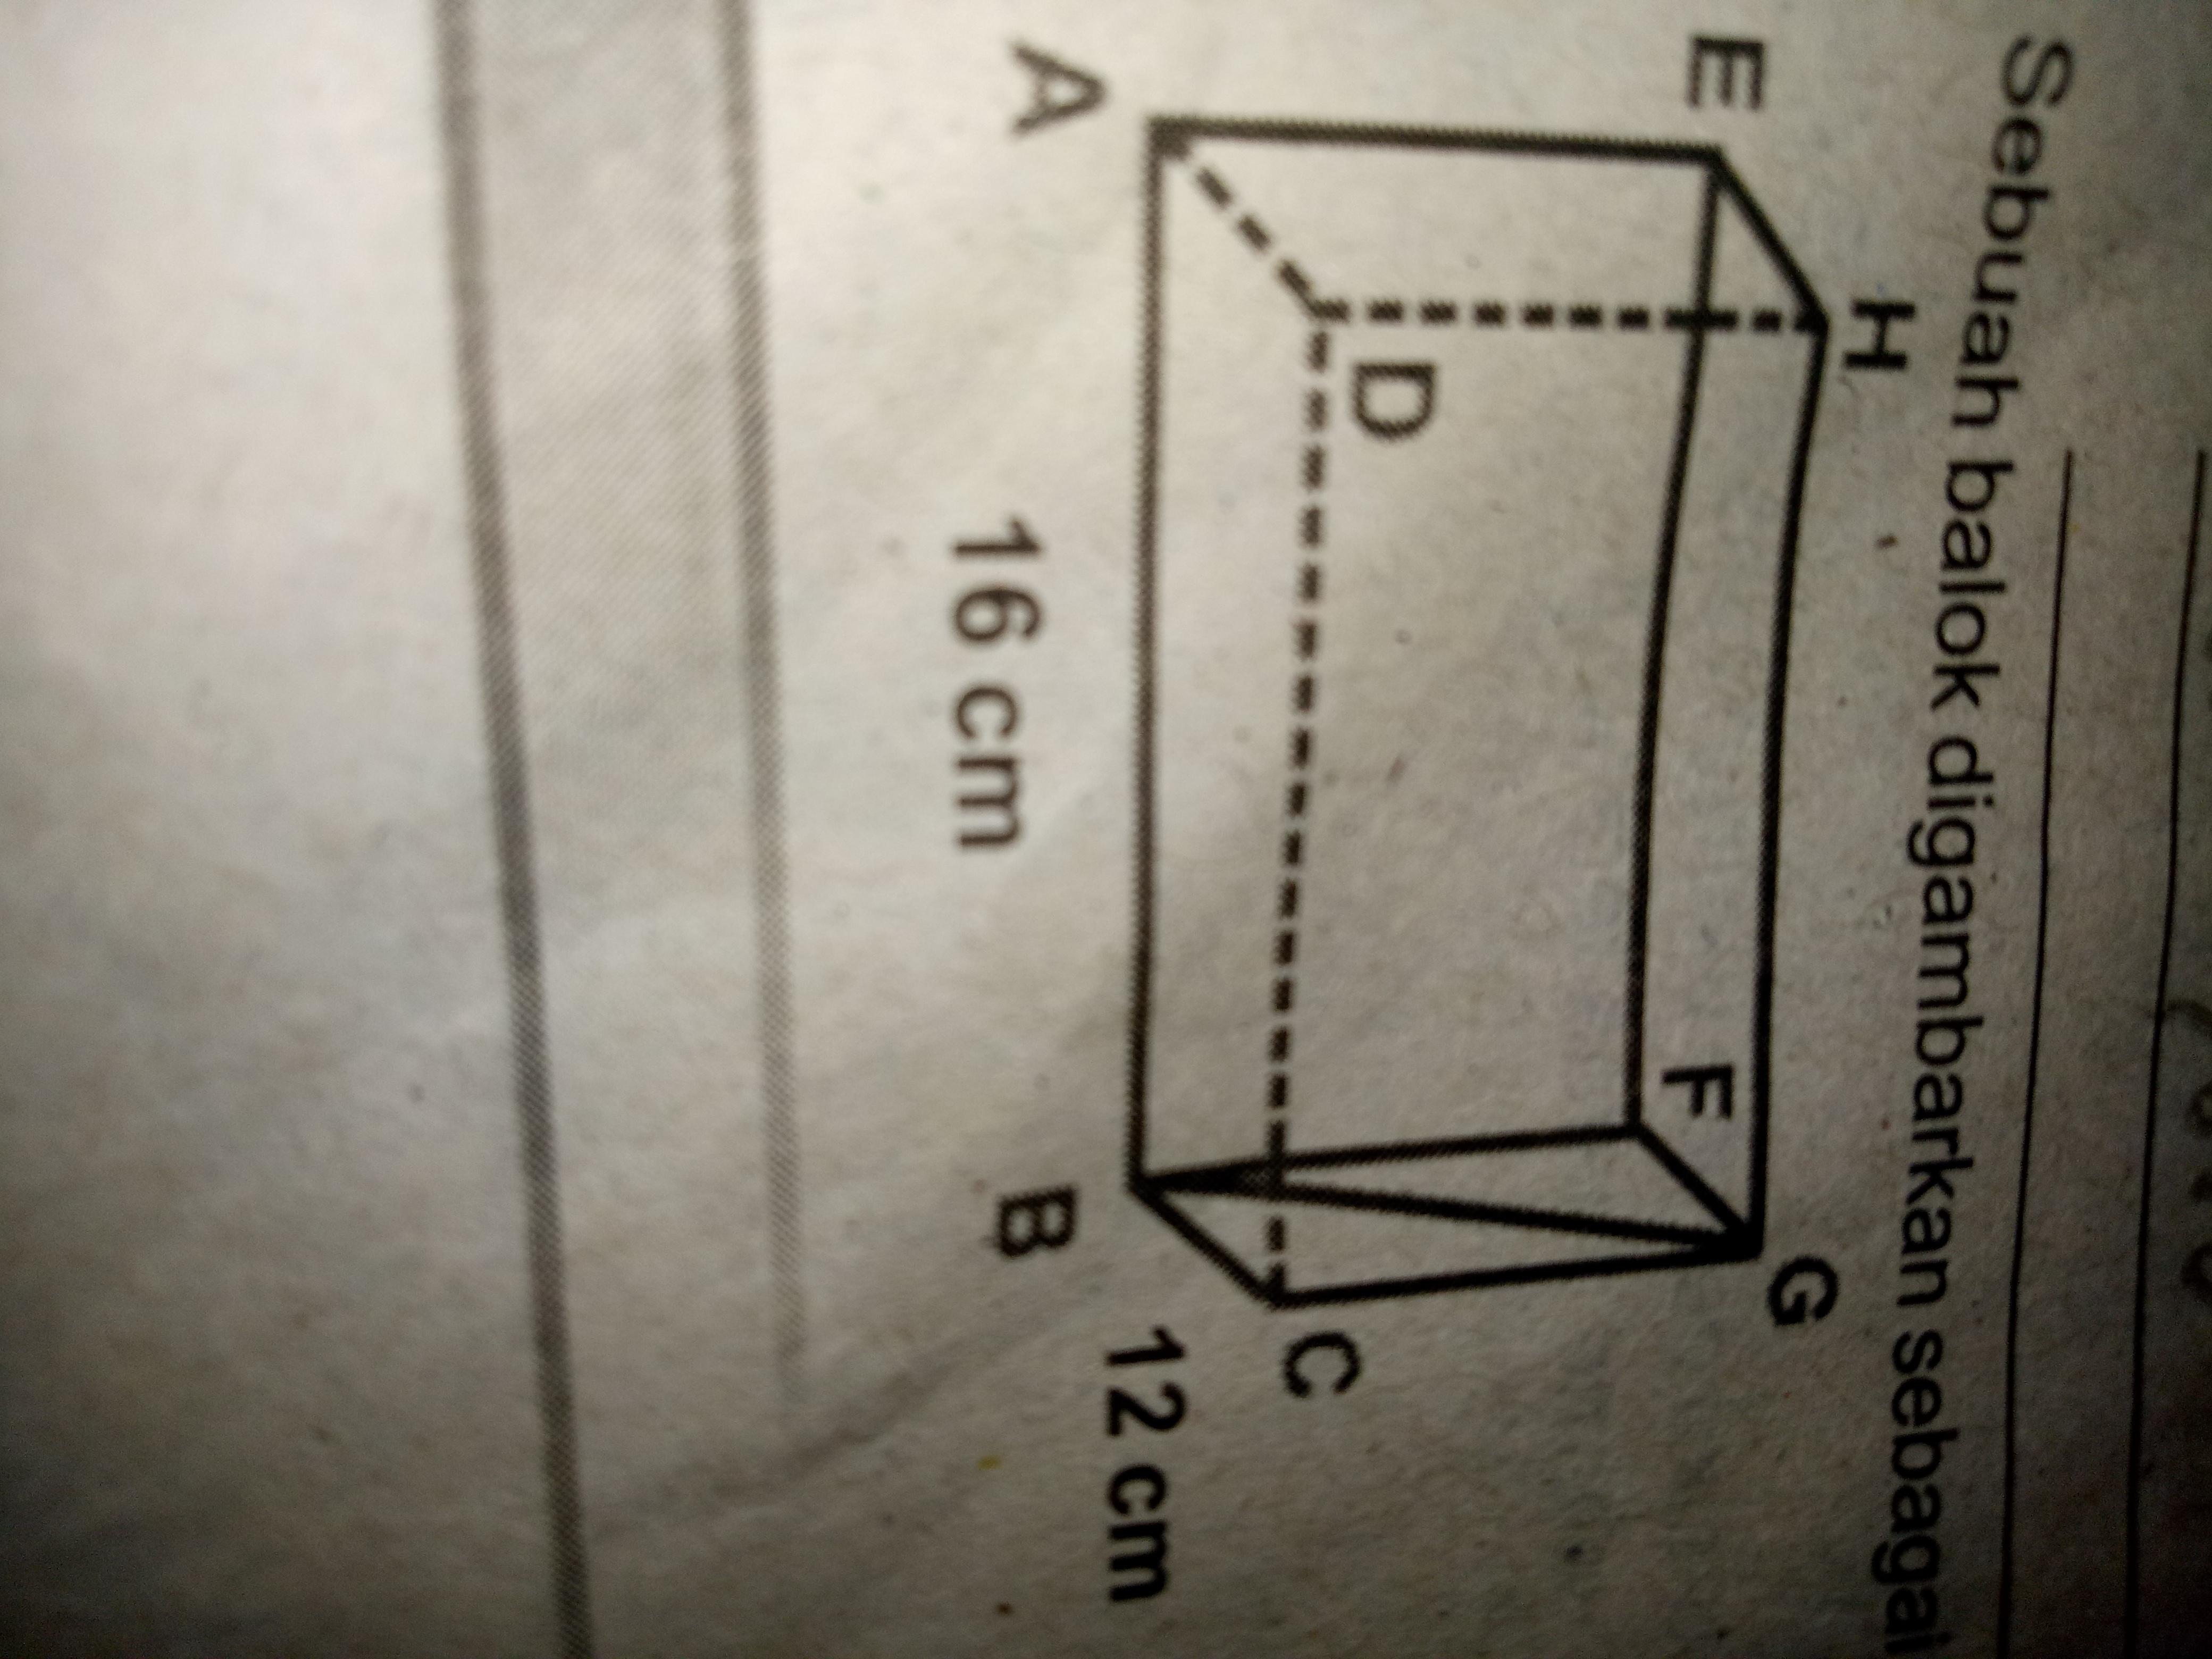 Jika panjang diagonal bidang bg adalah 13 cm tentukan volume balok jika panjang diagonal bidang bg adalah 13 cm tentukan volume balok abcdefghtolong bantu jawab ya kak trmksh ccuart Image collections